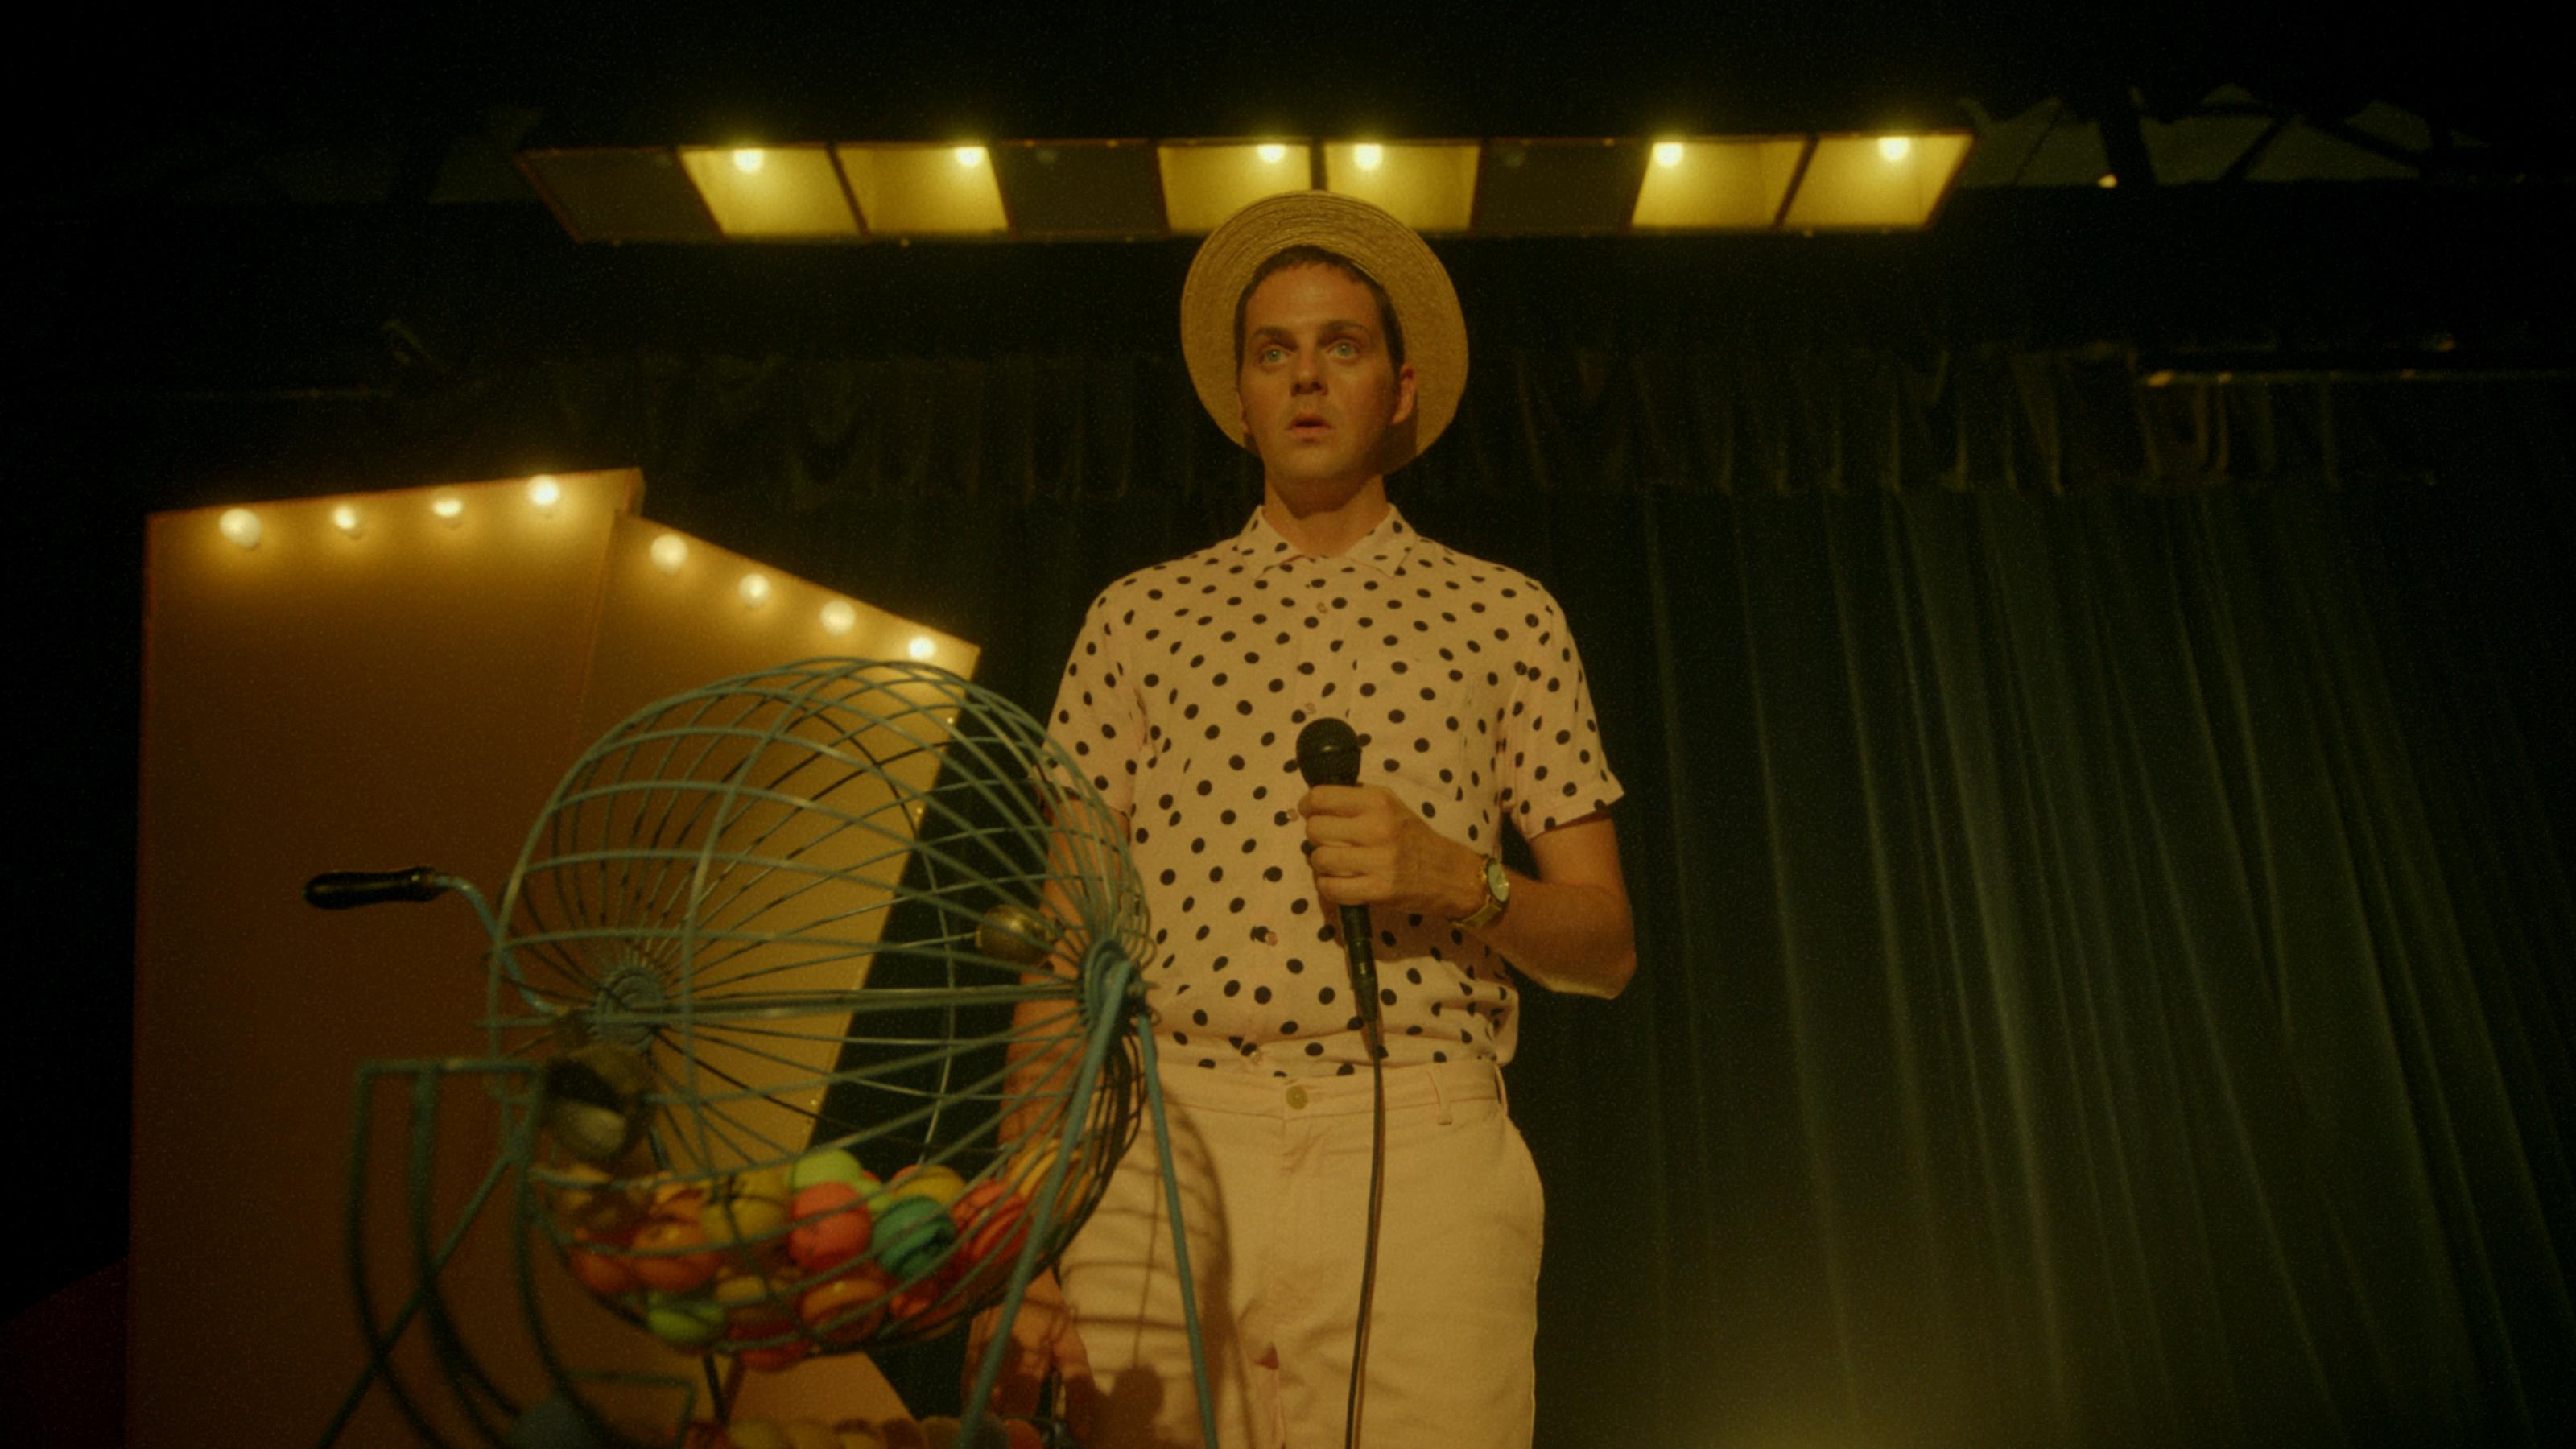 Een foto van Yannick van de Velde als campingbeheerder tijdens een bingo-avond.